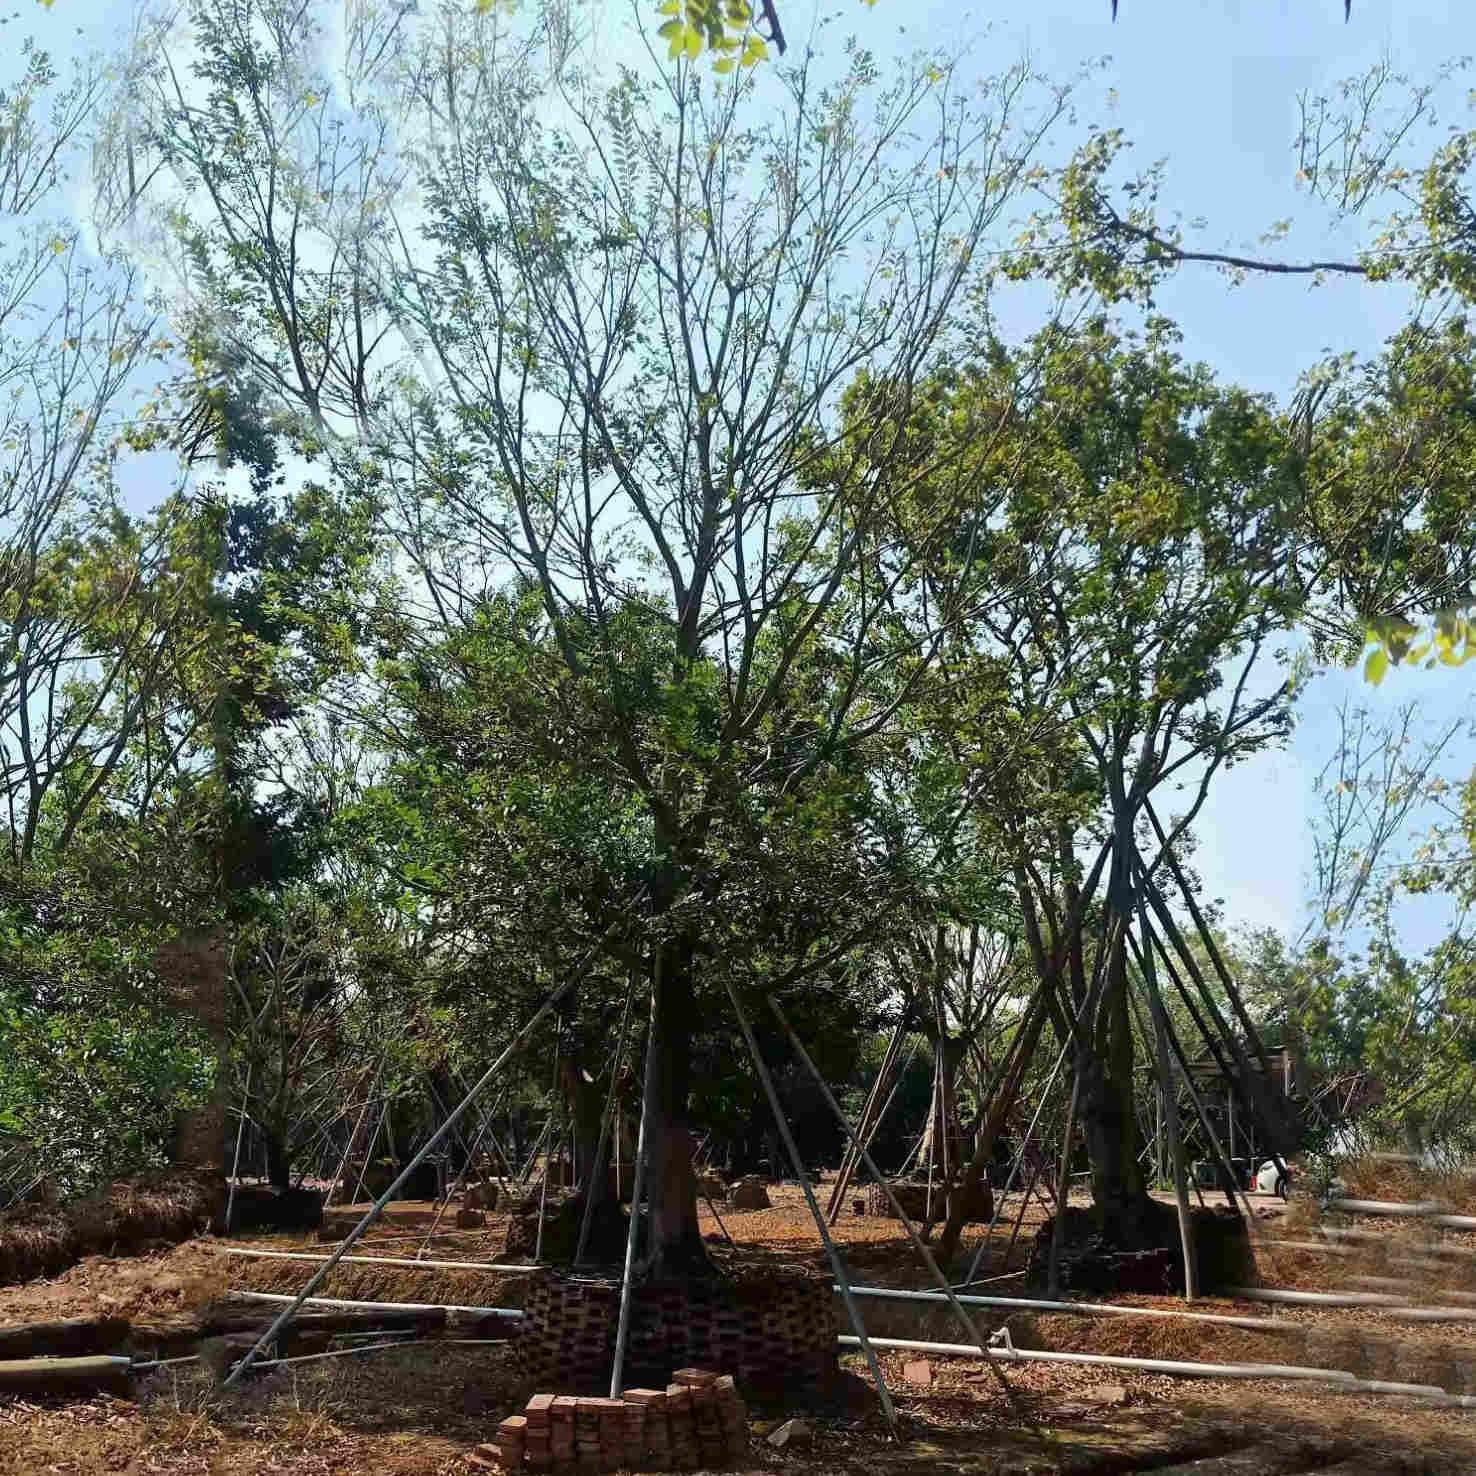 厂家直销朴树苗批发 朴树种植基地供应